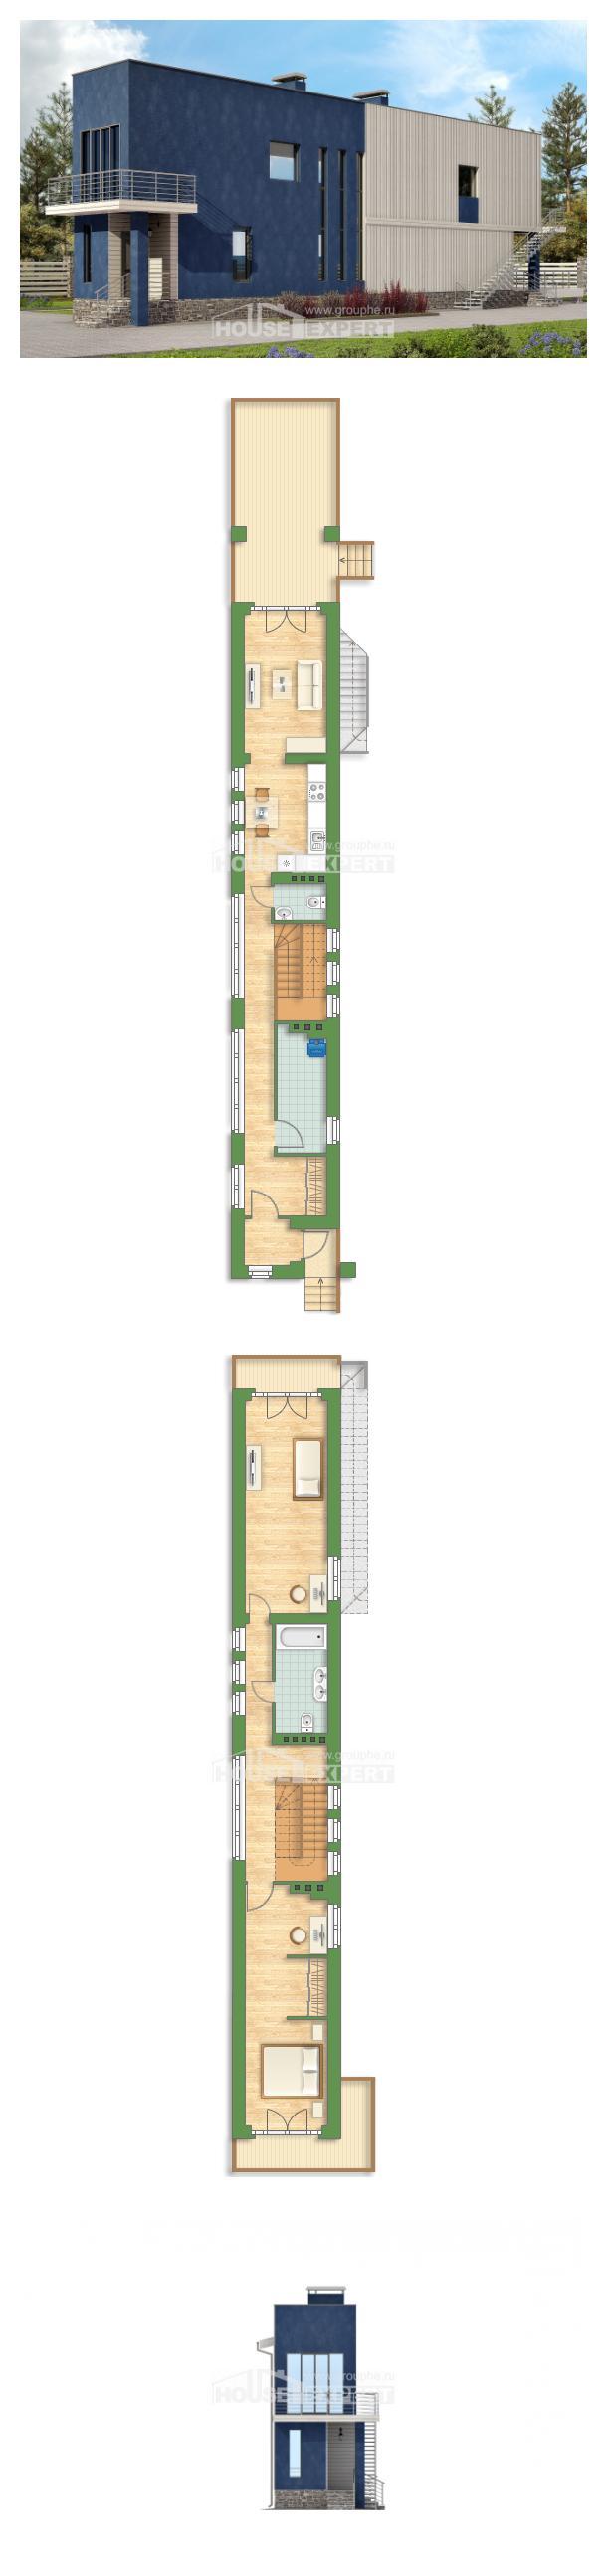 Plan 100-003-R | House Expert